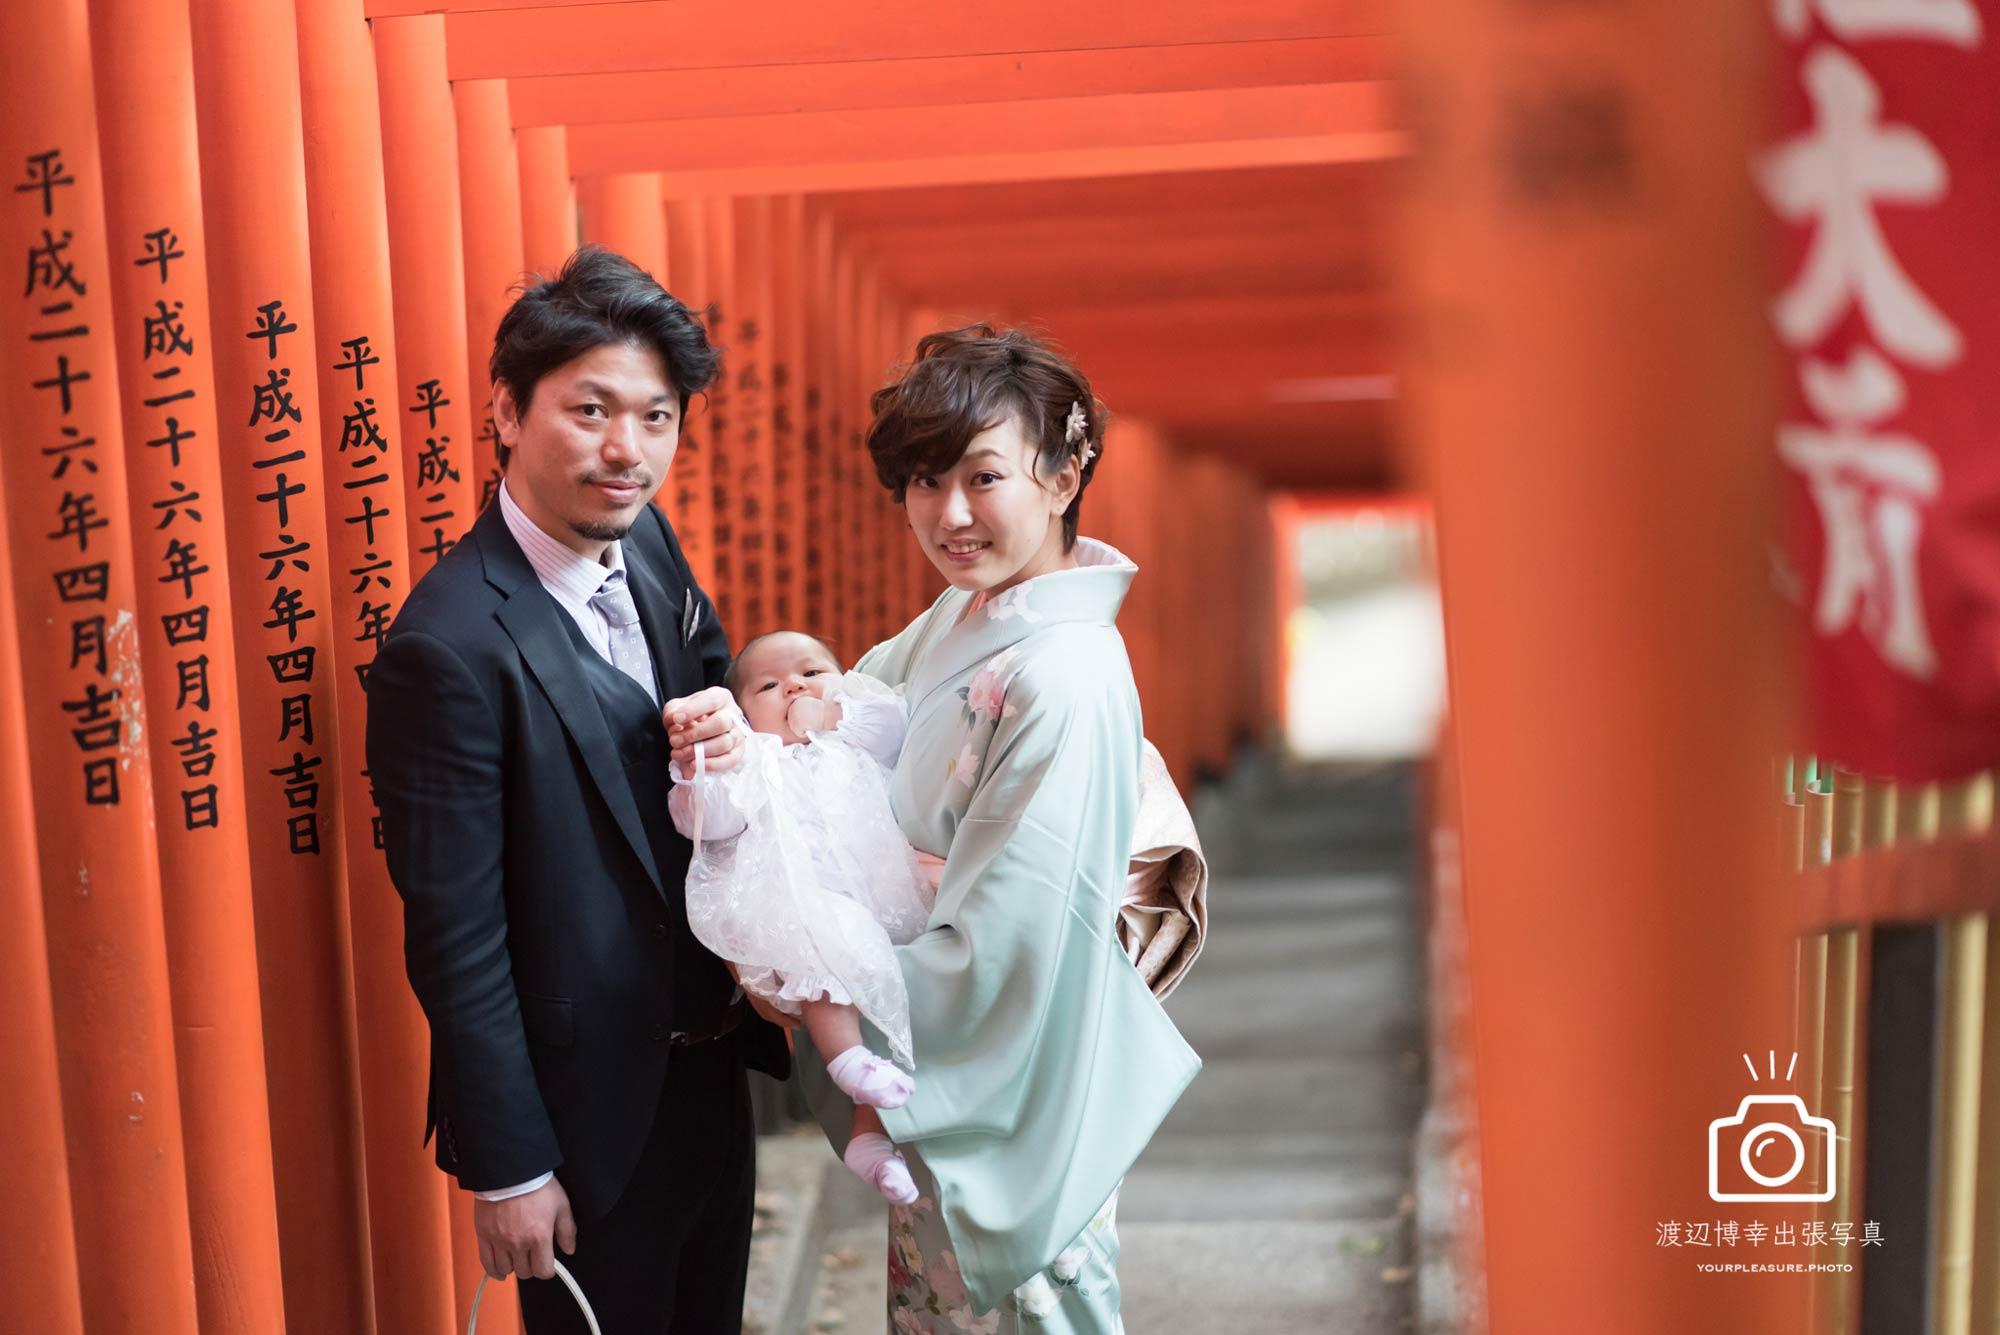 お宮参り出張撮影|赤坂・日枝神社|その日の全てを残したいから|東京都|千代田区|